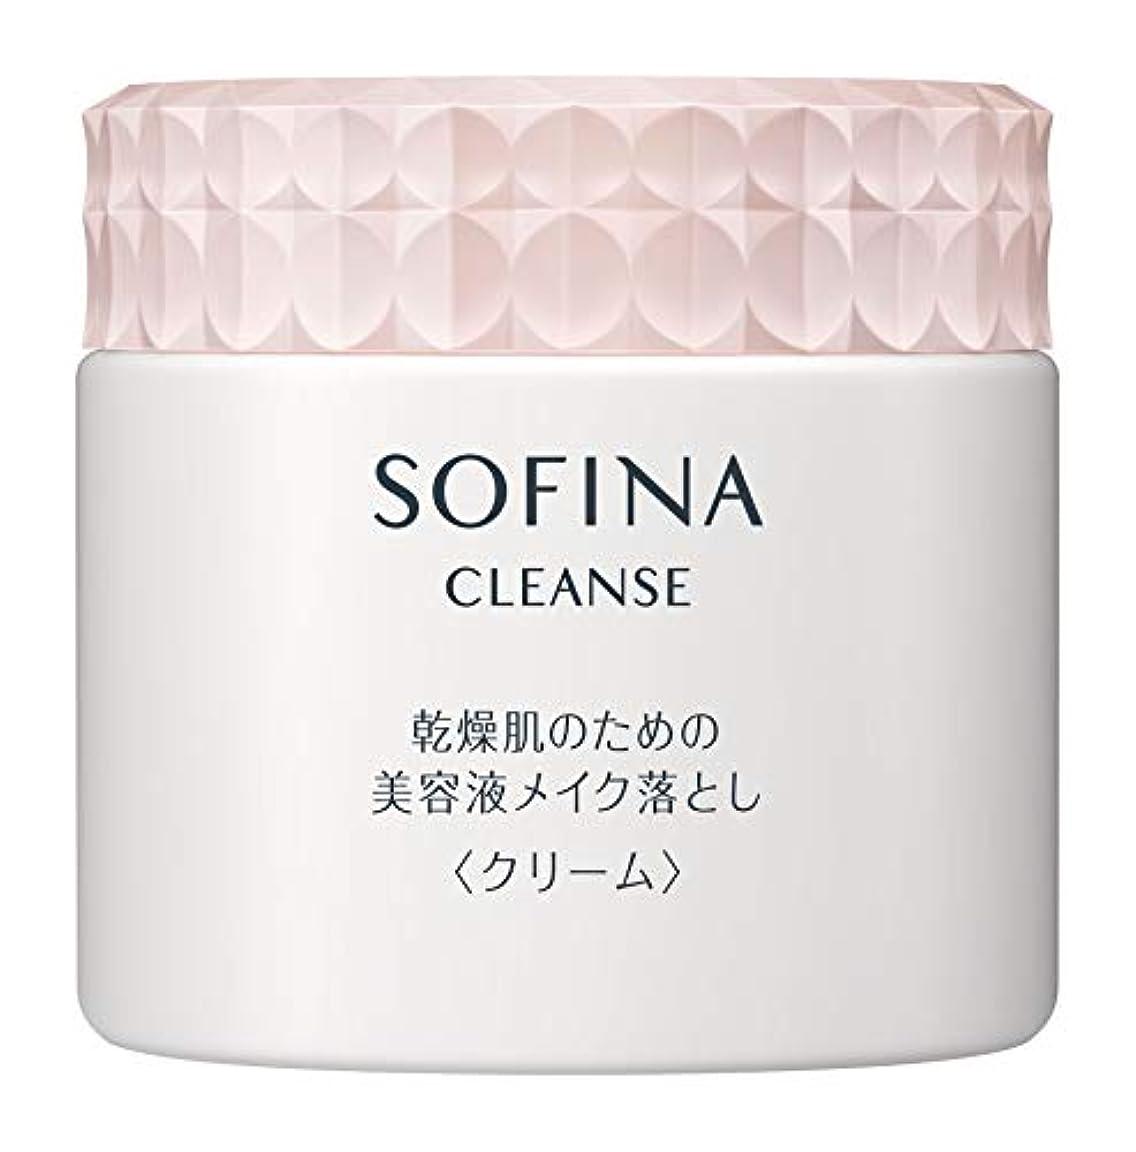 ソフィーナ 乾燥肌のための美容液メイク落とし クリーム 200g